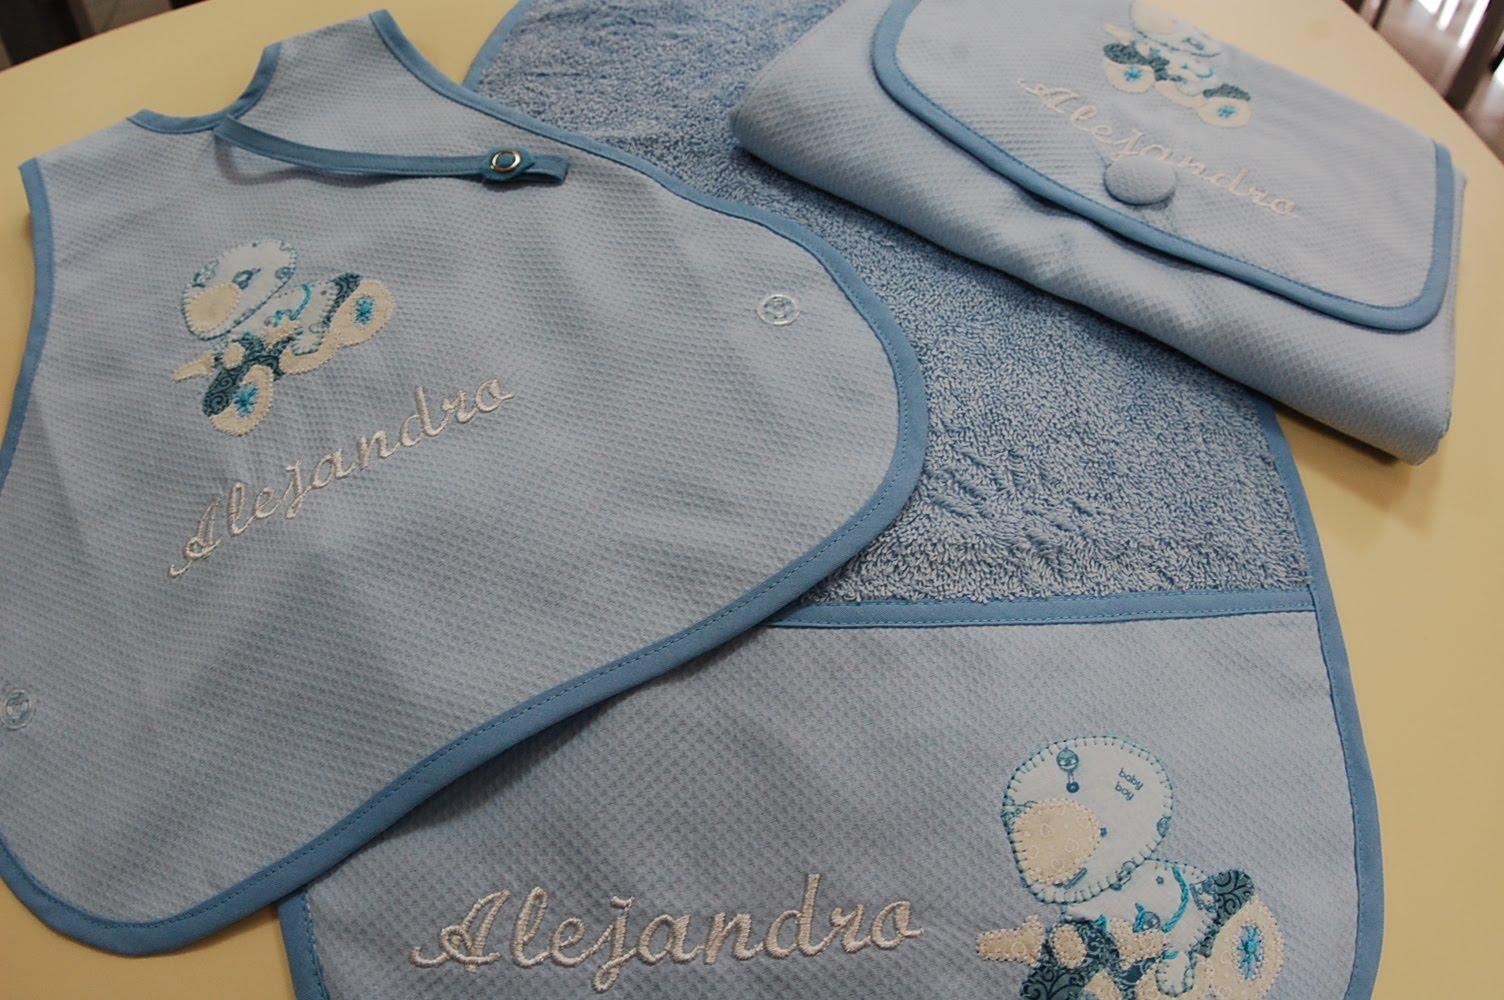 Jejoma costurero creativo mayo 2011 - Como hacer un cambiador para bebes ...